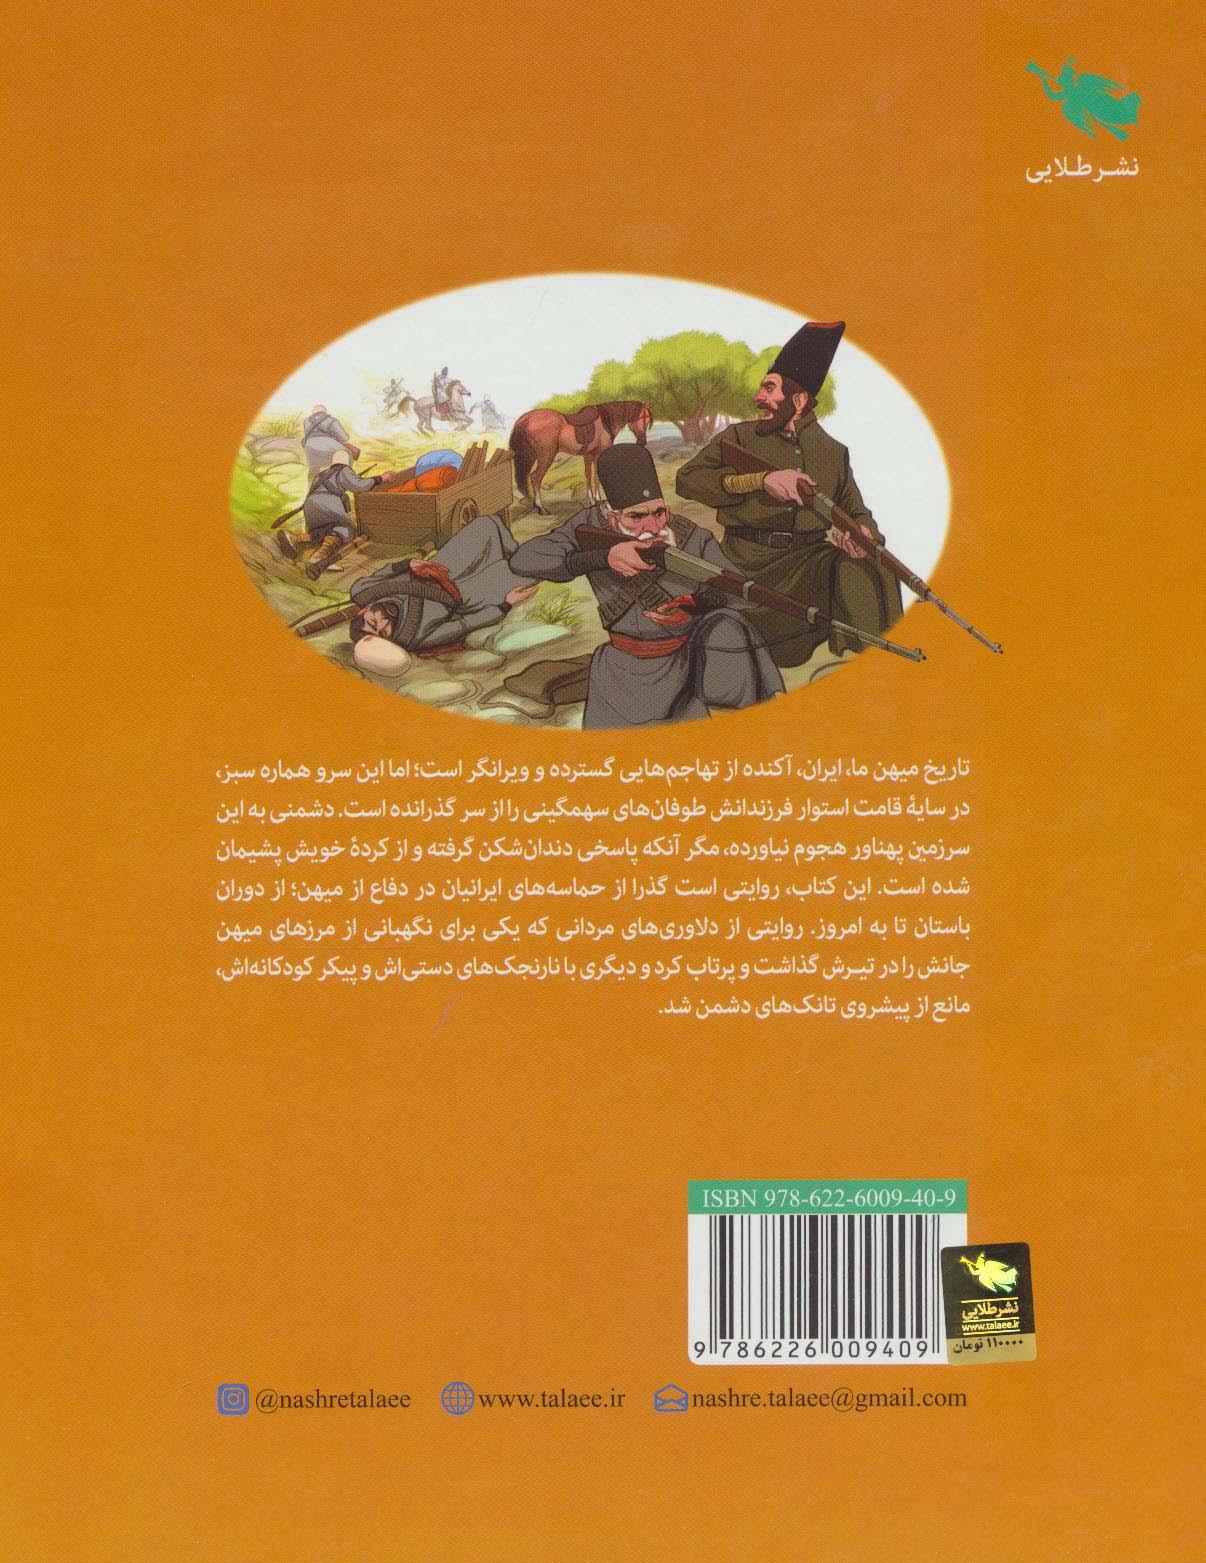 نبرد ایرانیان (روایت دفاع ایرانیان از میهن در برابر دشمنان)،(گلاسه)